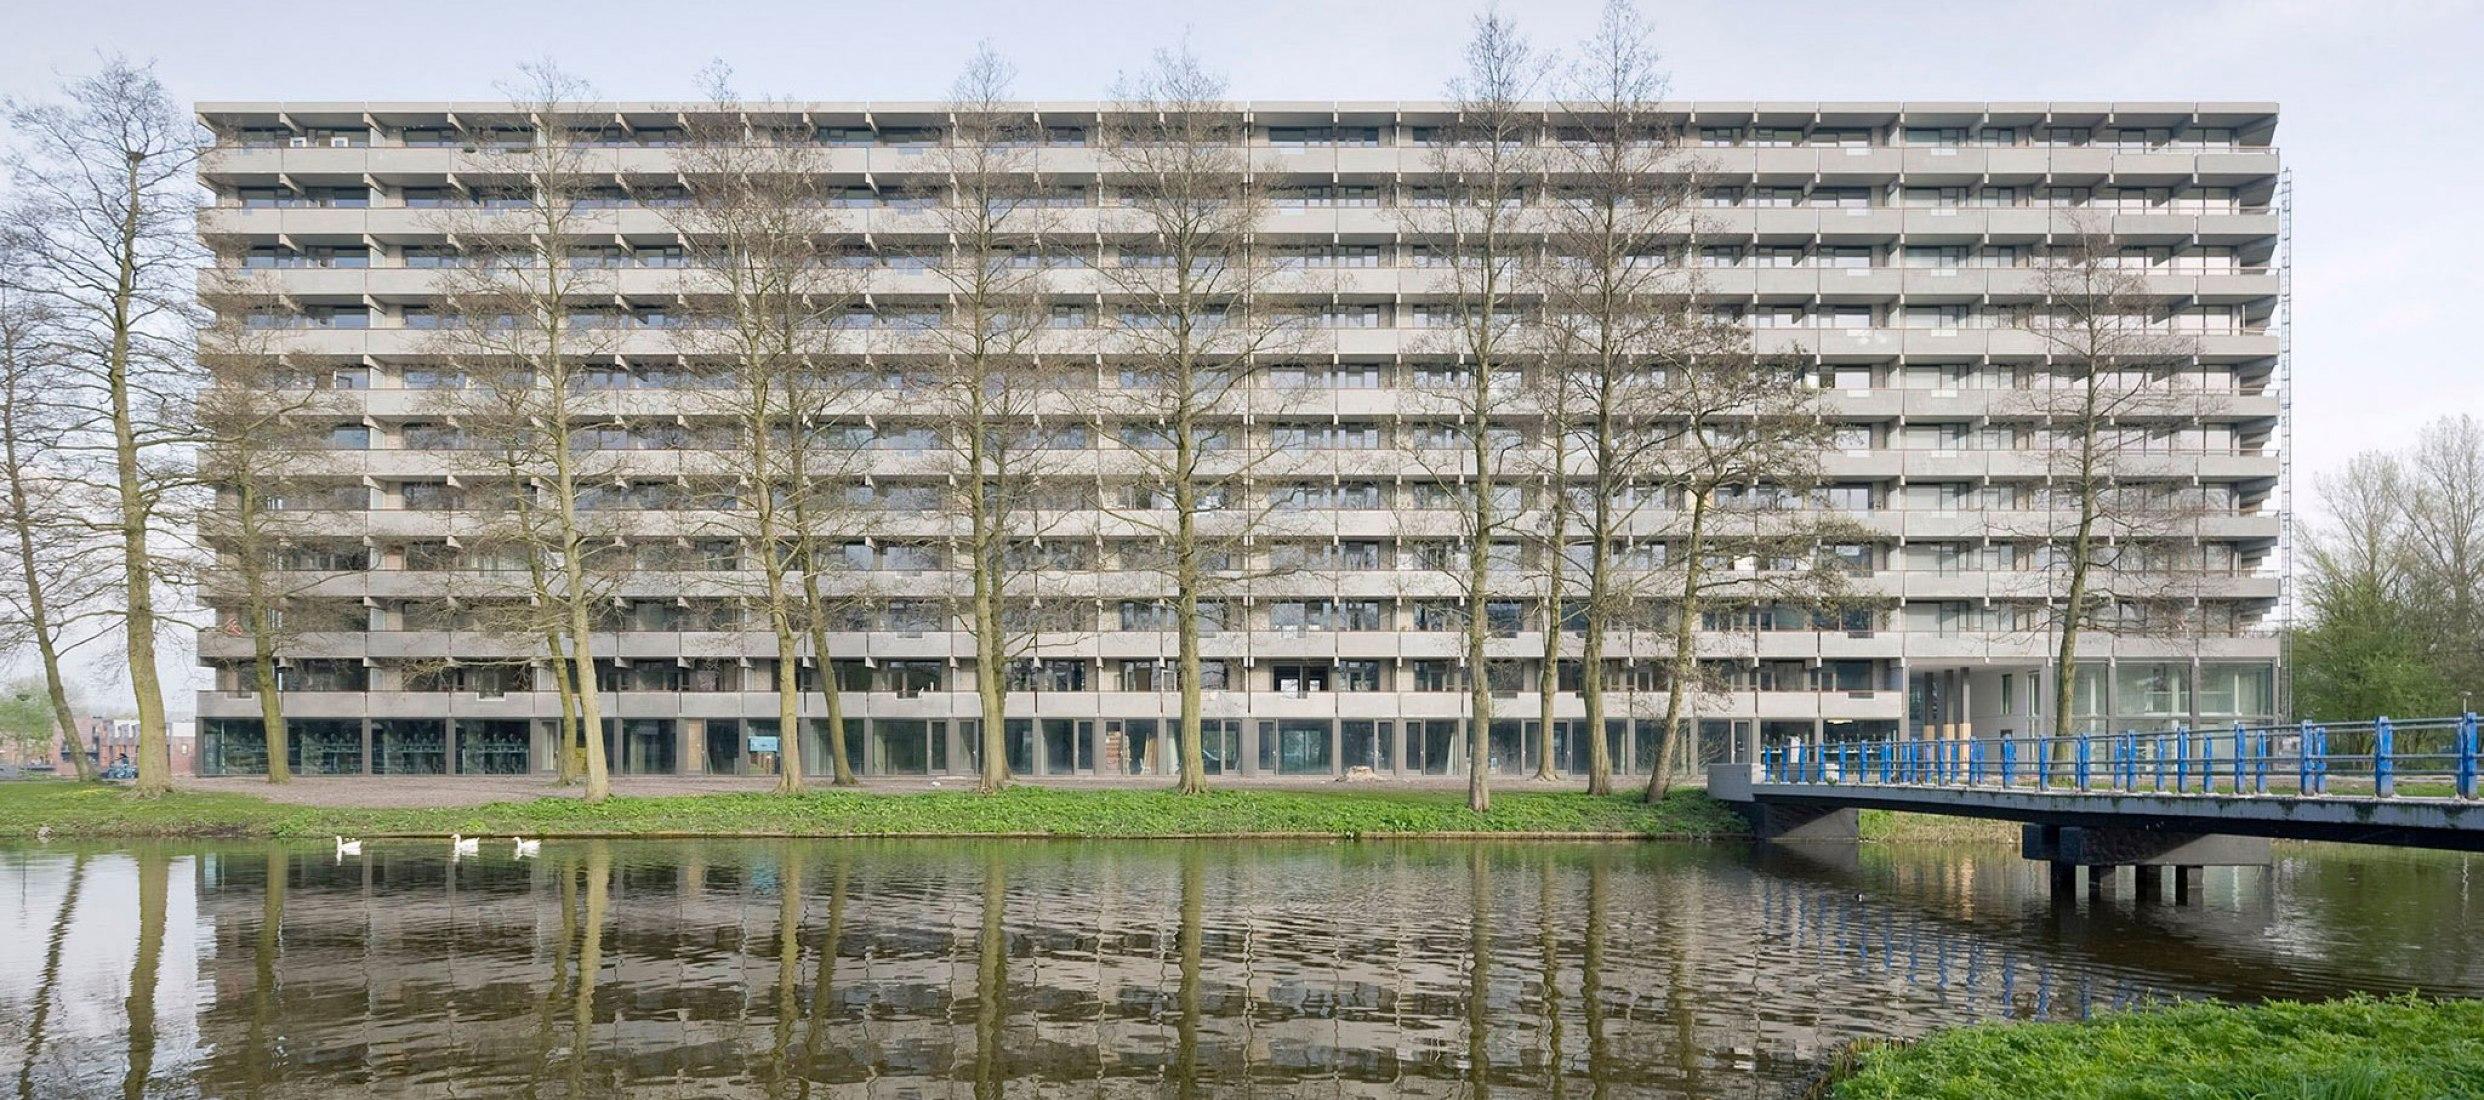 Bijlmermeer rehabilitado, deFlat Kleiburg por NL Architects y XVW architectuur. Fotografía © Marcel van der Brug